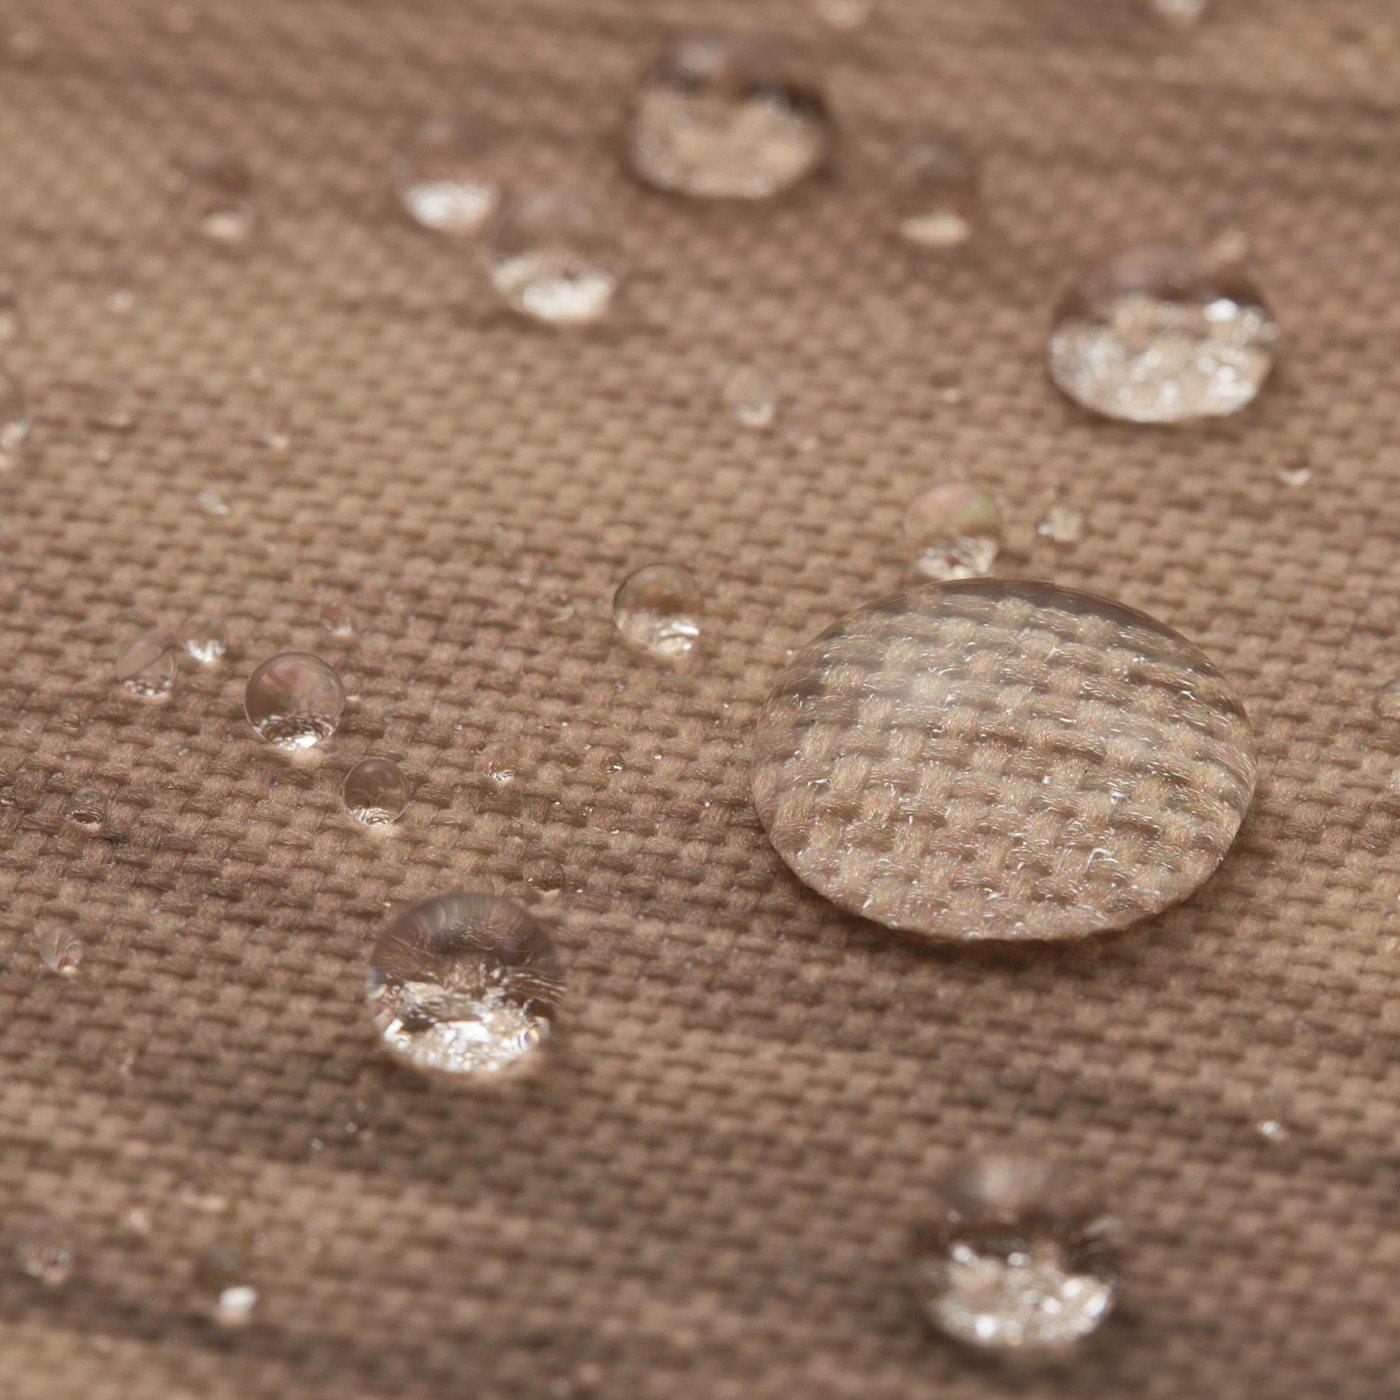 ナチュラルなリアル木目プリントのボードは撥水(はっすい)加工をほどこしているので、飲み物などを置いても。